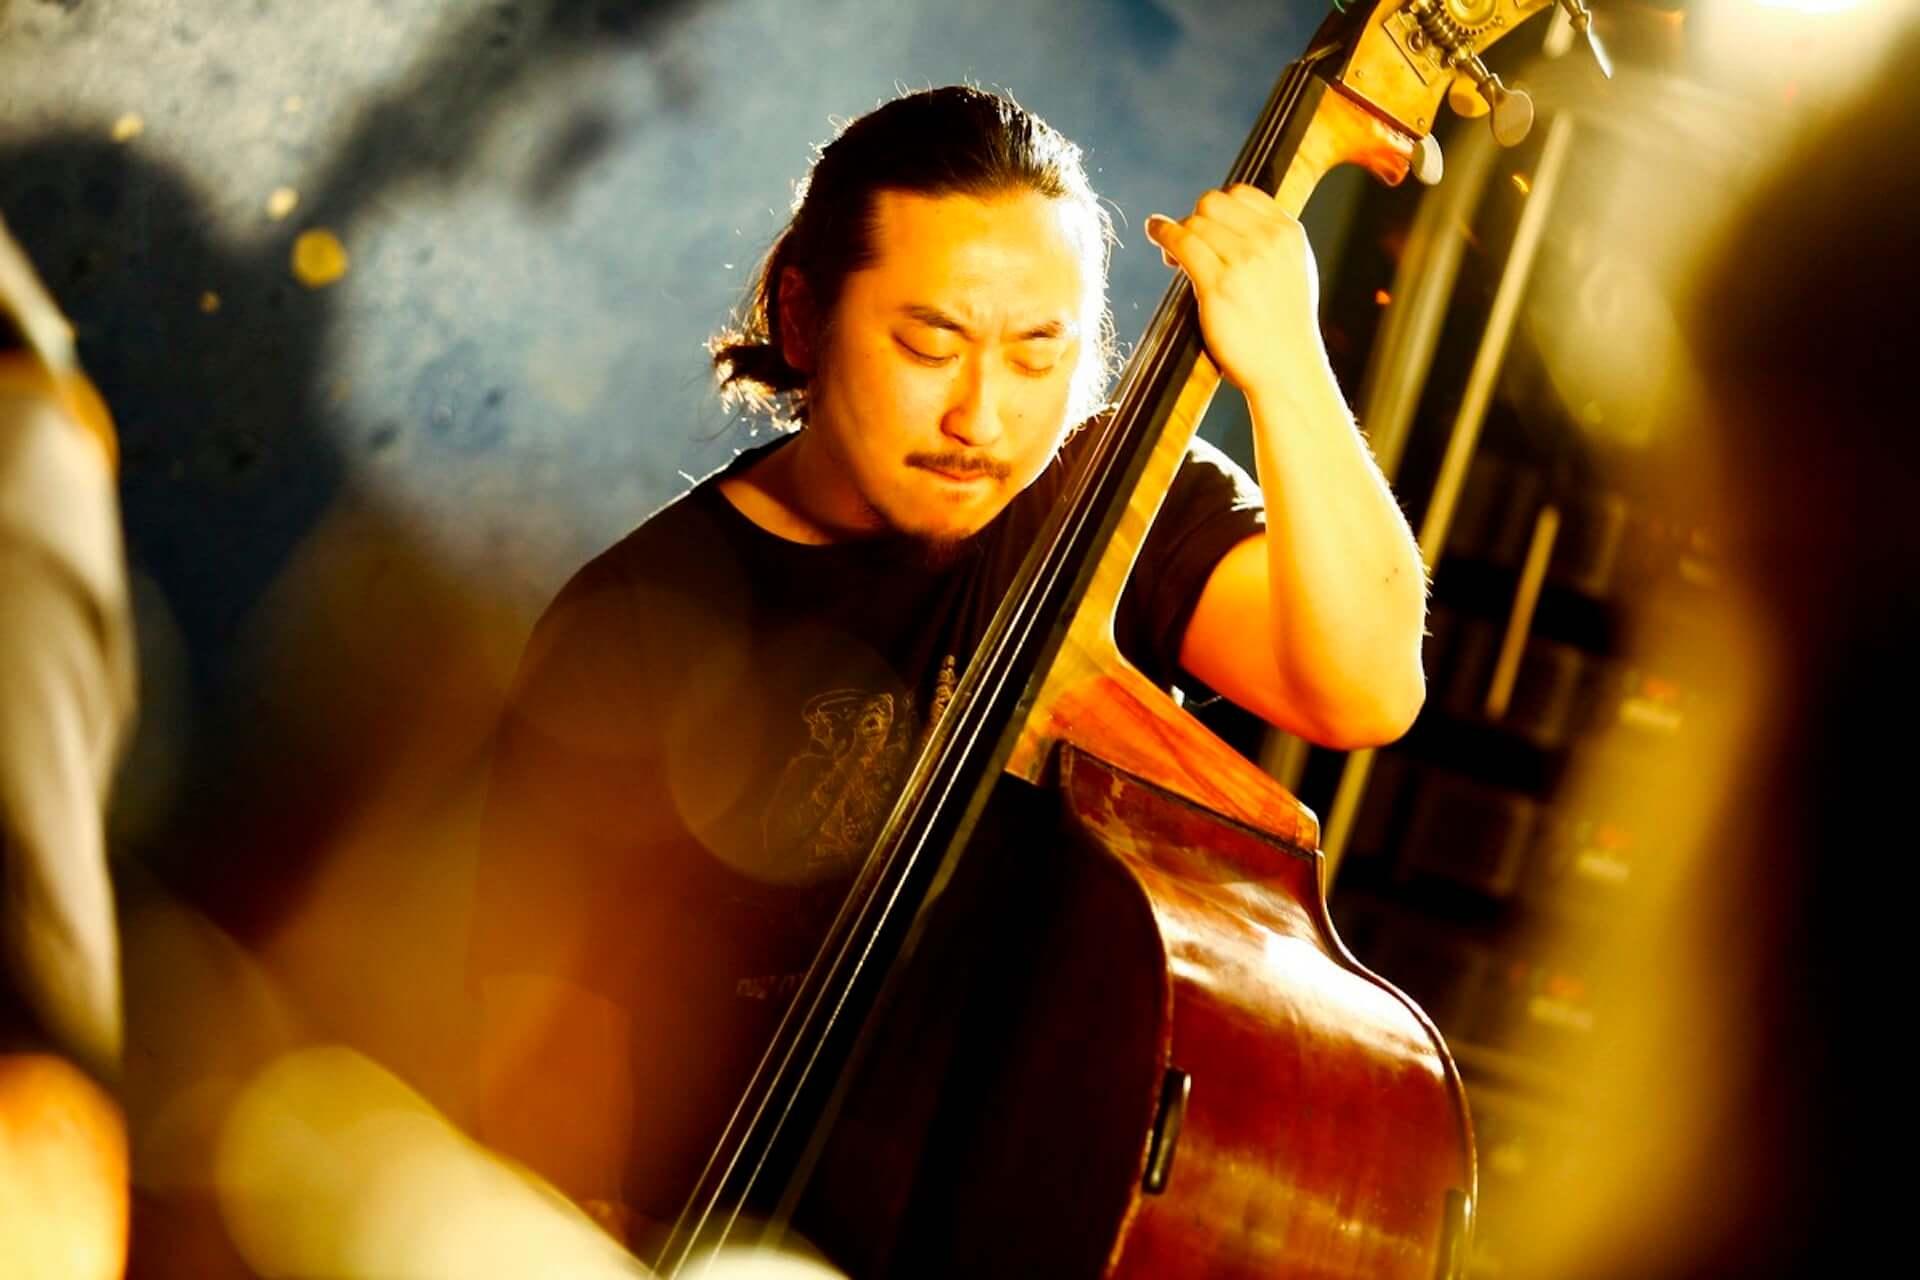 巻上公一らが出演する、即興音楽とアートのフェスティバル<JAZZ ART せんがわ 2019>開催決定!クラウドファンディング実施中 Seo-Takashi_photo-by.WATARU-UMEDA-1920x1280